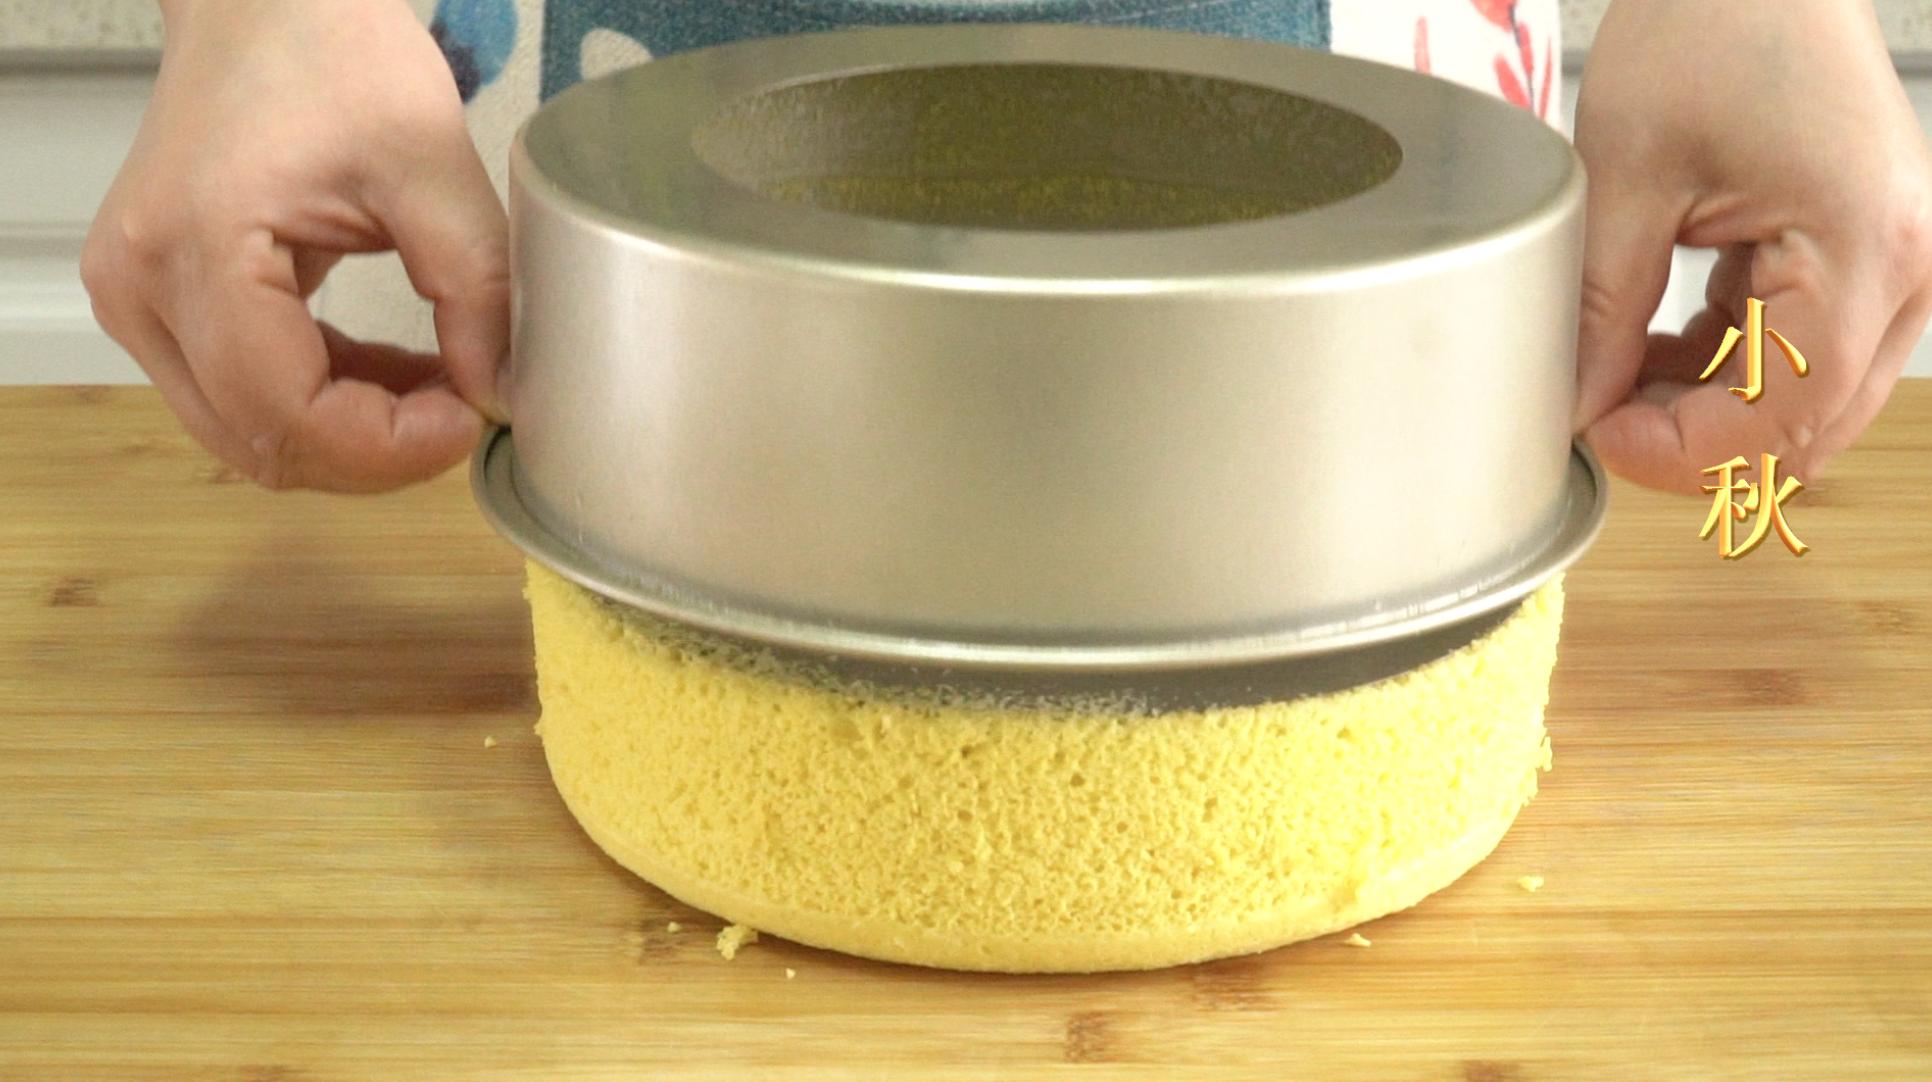 双色玉米面蒸蛋糕,好吃不上火,用对方法,暄软漂亮中间不发粘